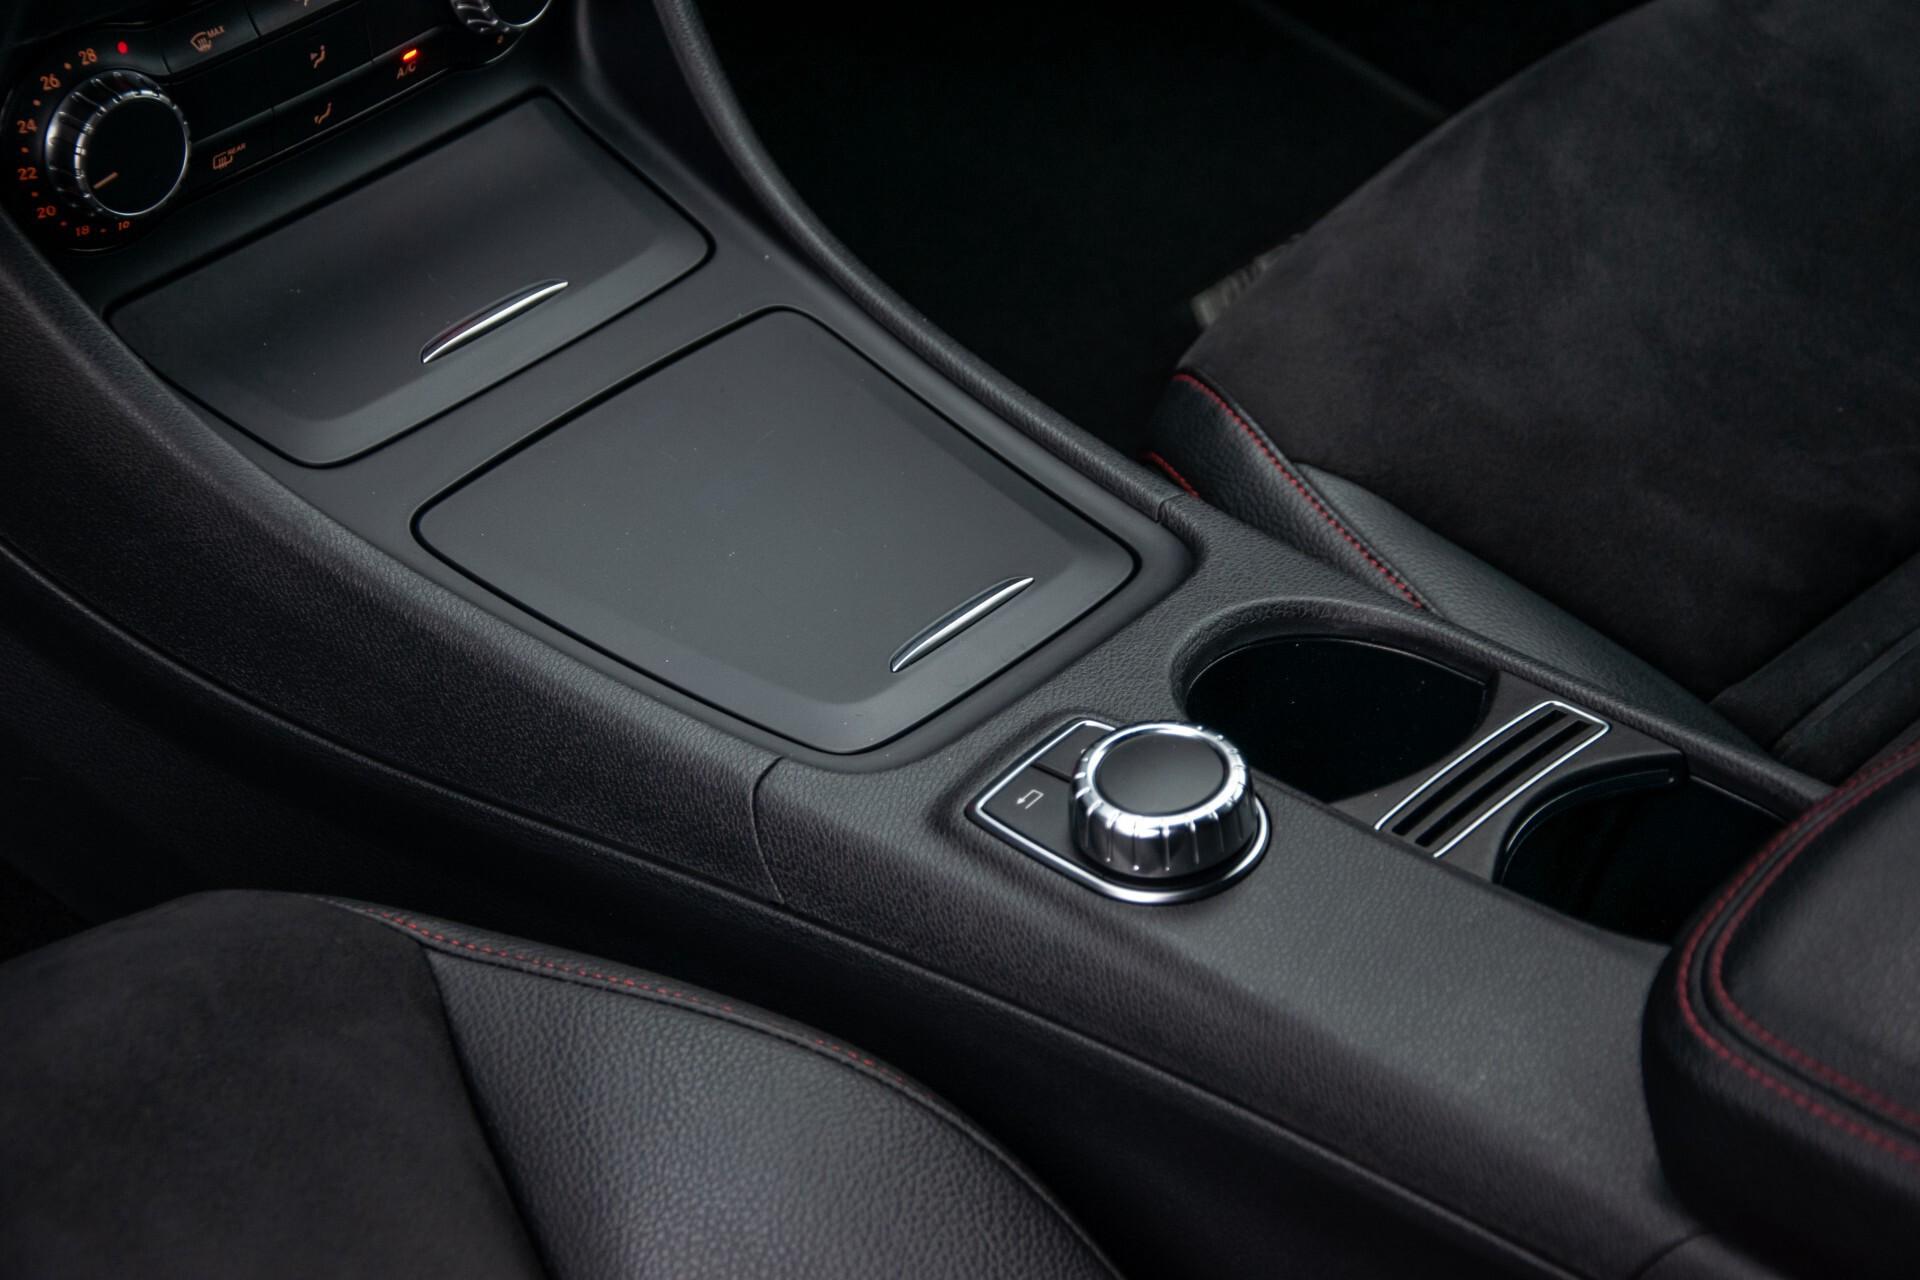 Mercedes-Benz A-Klasse 180 AMG Dynamic Handling/Camera/Xenon/Navi/Privacy Aut7 Foto 17